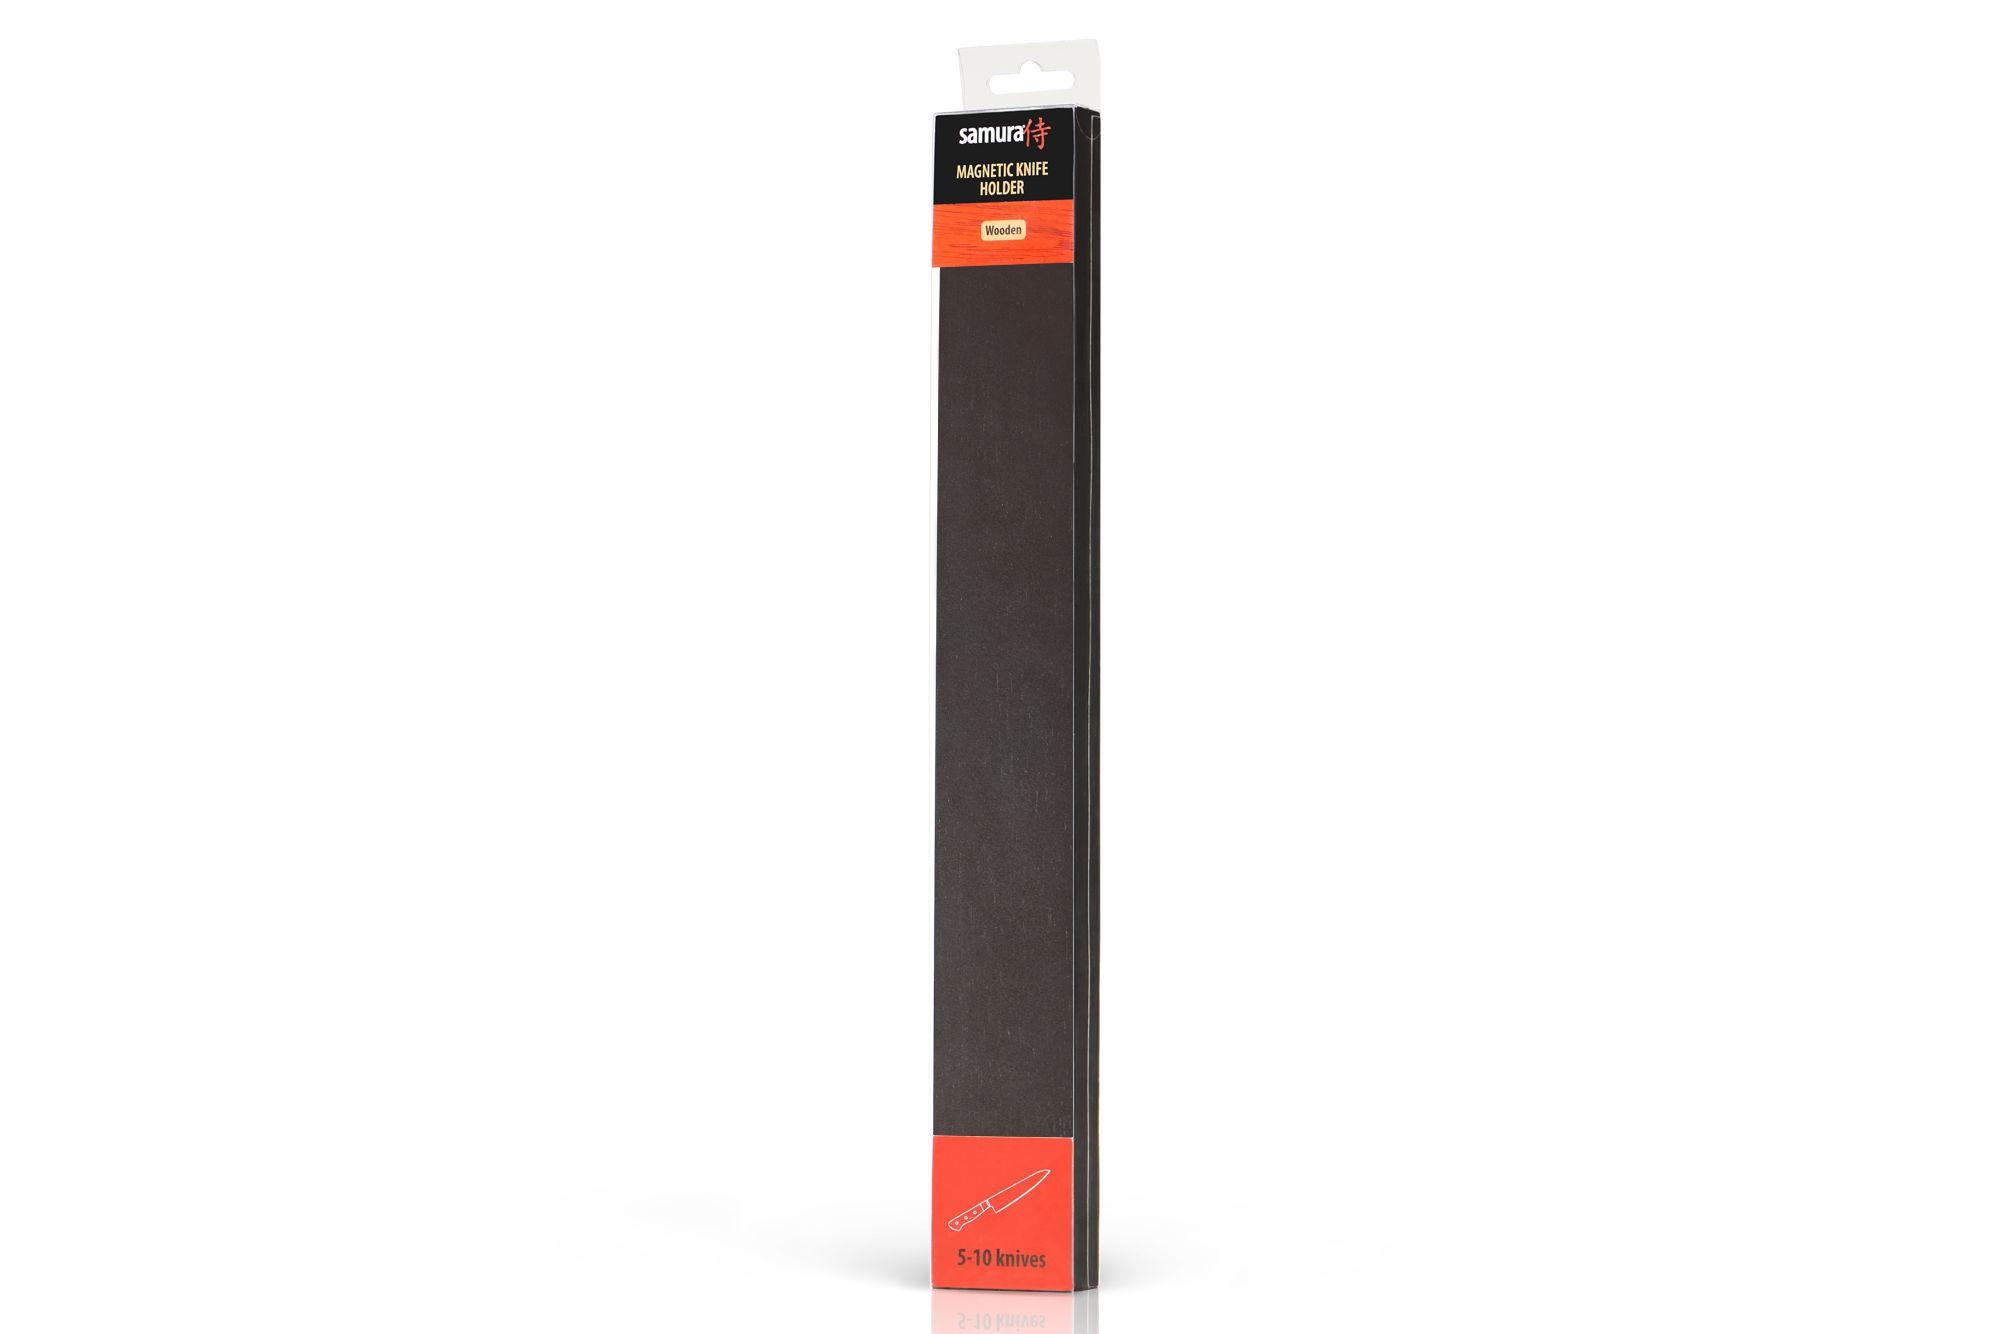 Фото 2 - Магнитный держатель Samura для ножей, 38.5 см, SMH-04D, темный